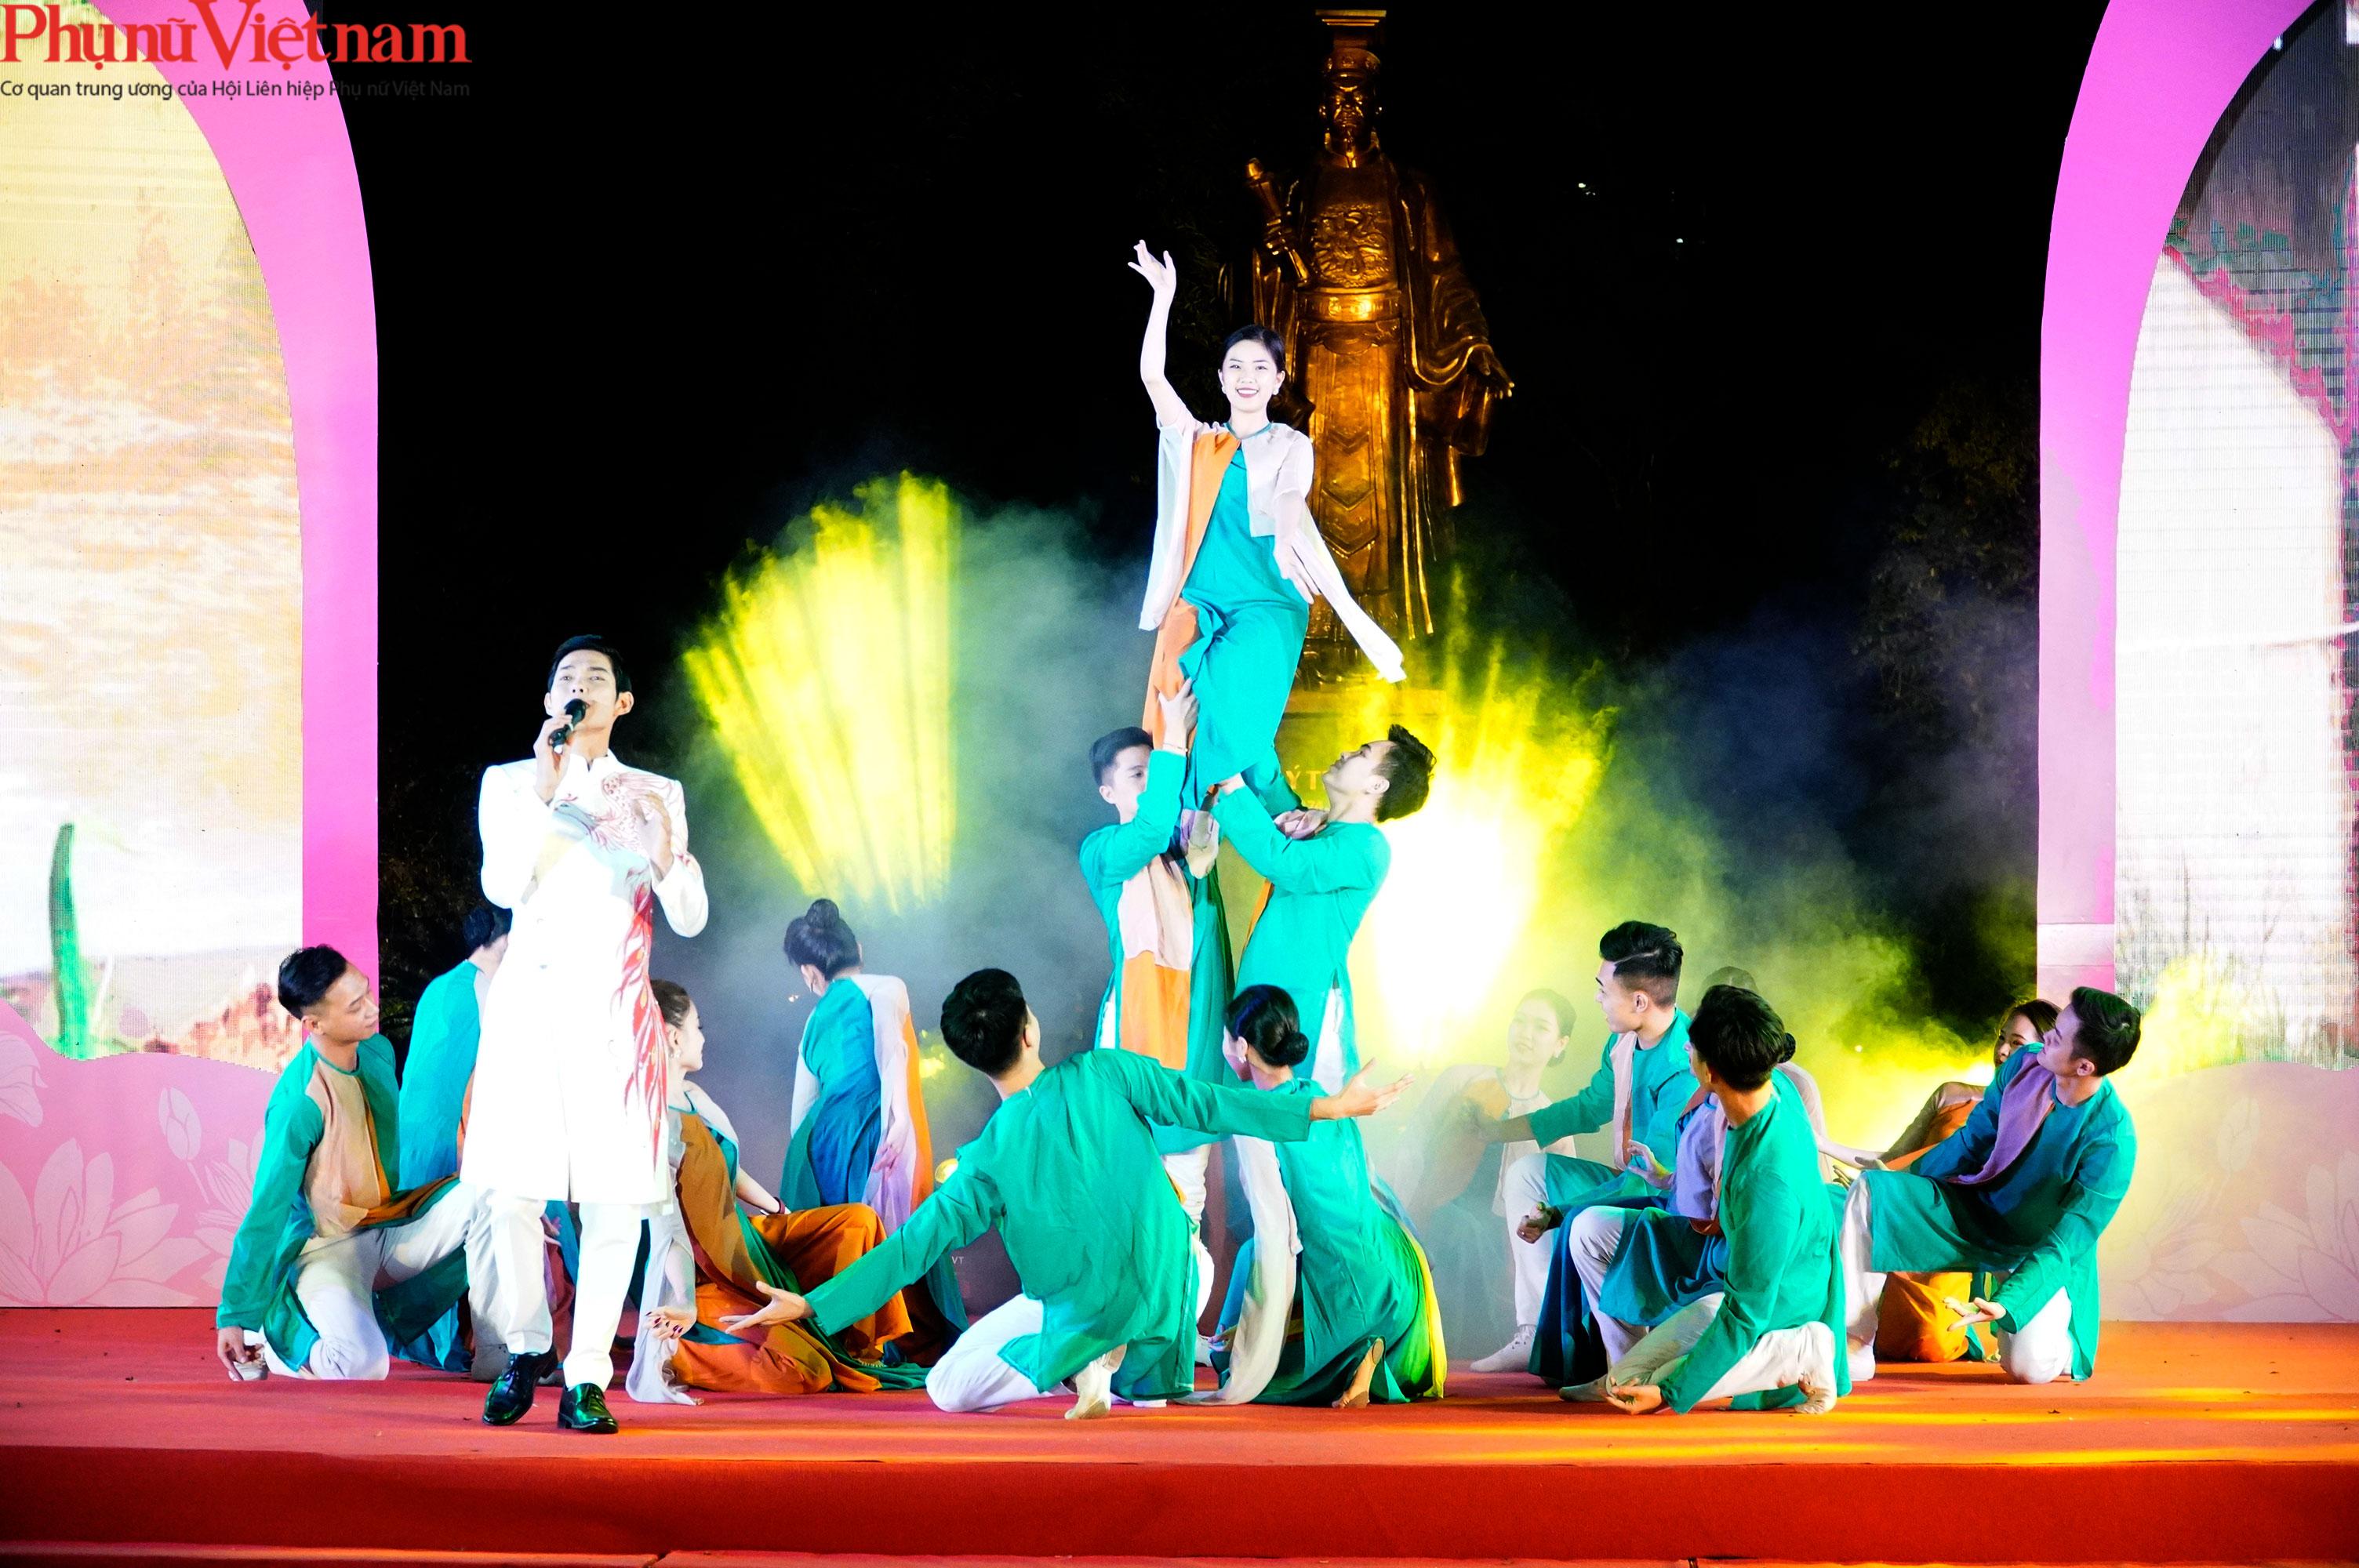 Phụ nữ Hà Nội giao lưu văn hóa, du lịch và sản phẩm sáng tạo với các tỉnh thành thuộc Đồng bằng sông Hồng - Ảnh 8.